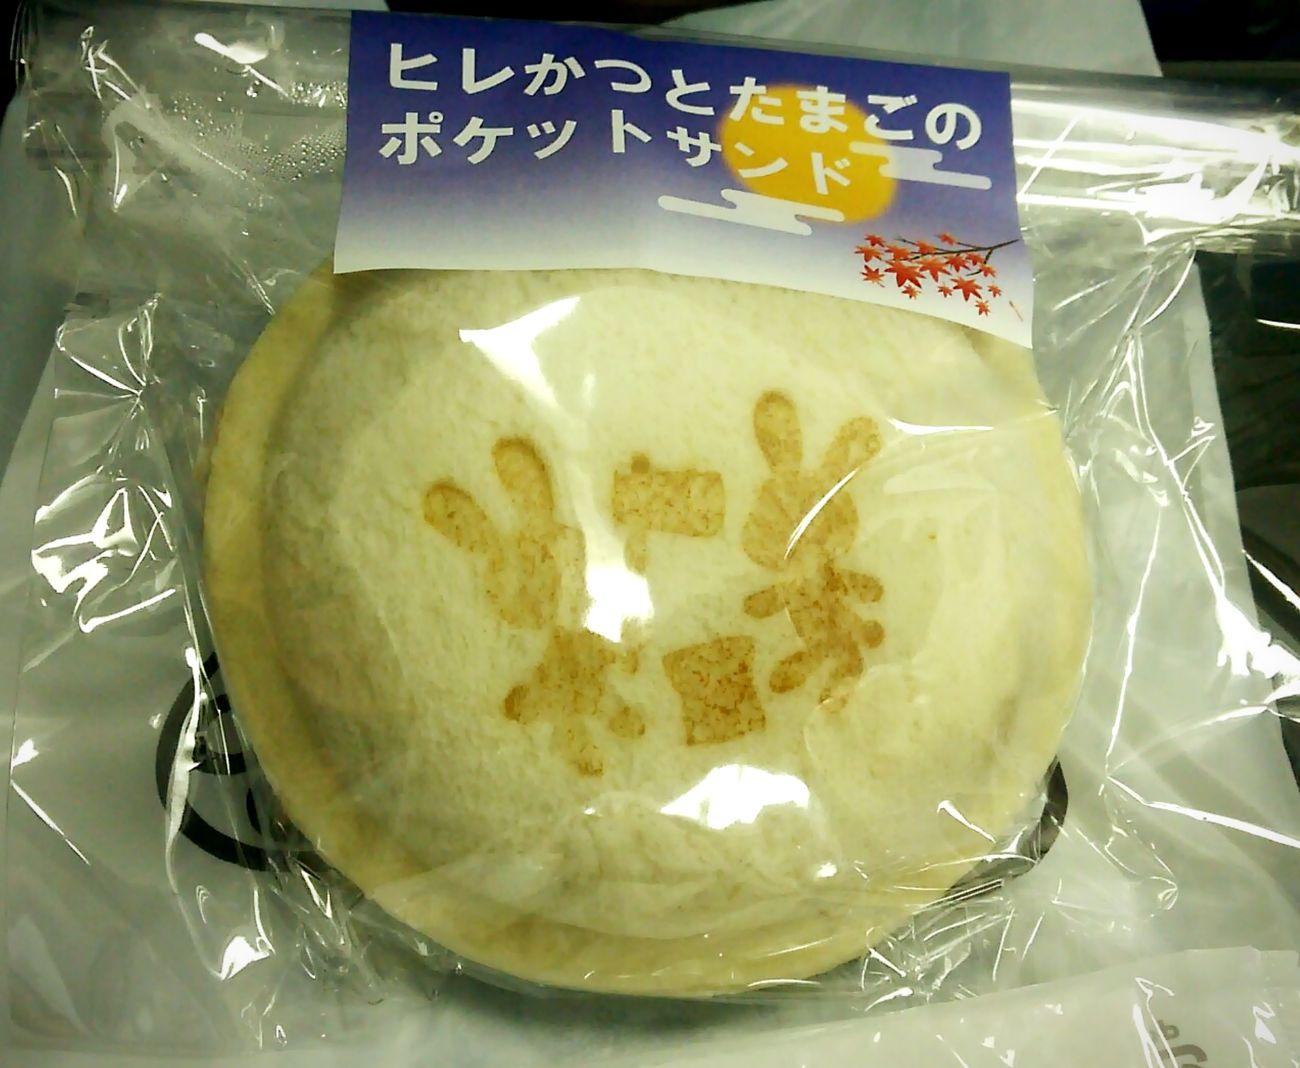 Tokyo,Japan Tokyostation In My Mouf Food Food Porn Enjoy A Meal Sandwich サンドイッチ まい泉 Autumn 秋 秋バージョンの焼印 ヒレカツとたまごのポケットサンド\(°Д° )/ソースが変わったらしい!(^ω^;)わからないけど